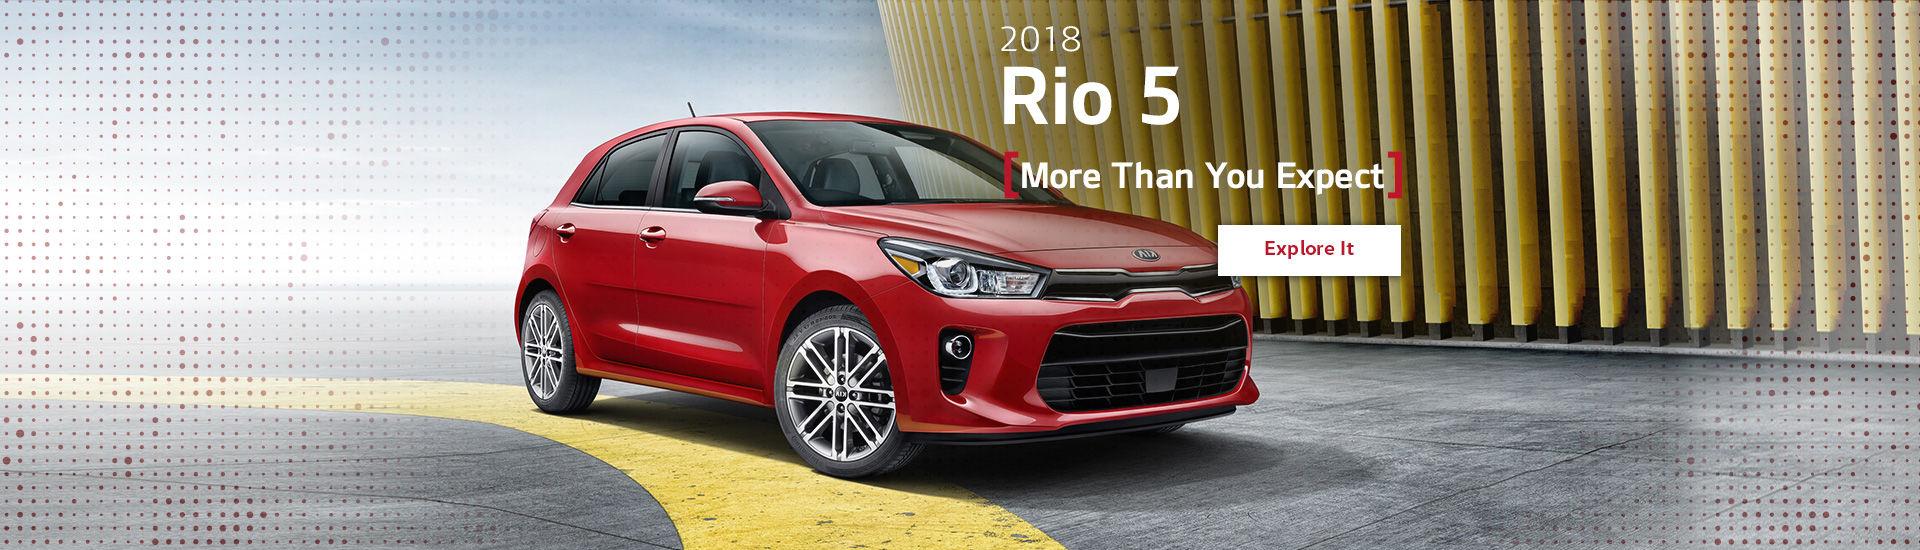 2018 Rio 5